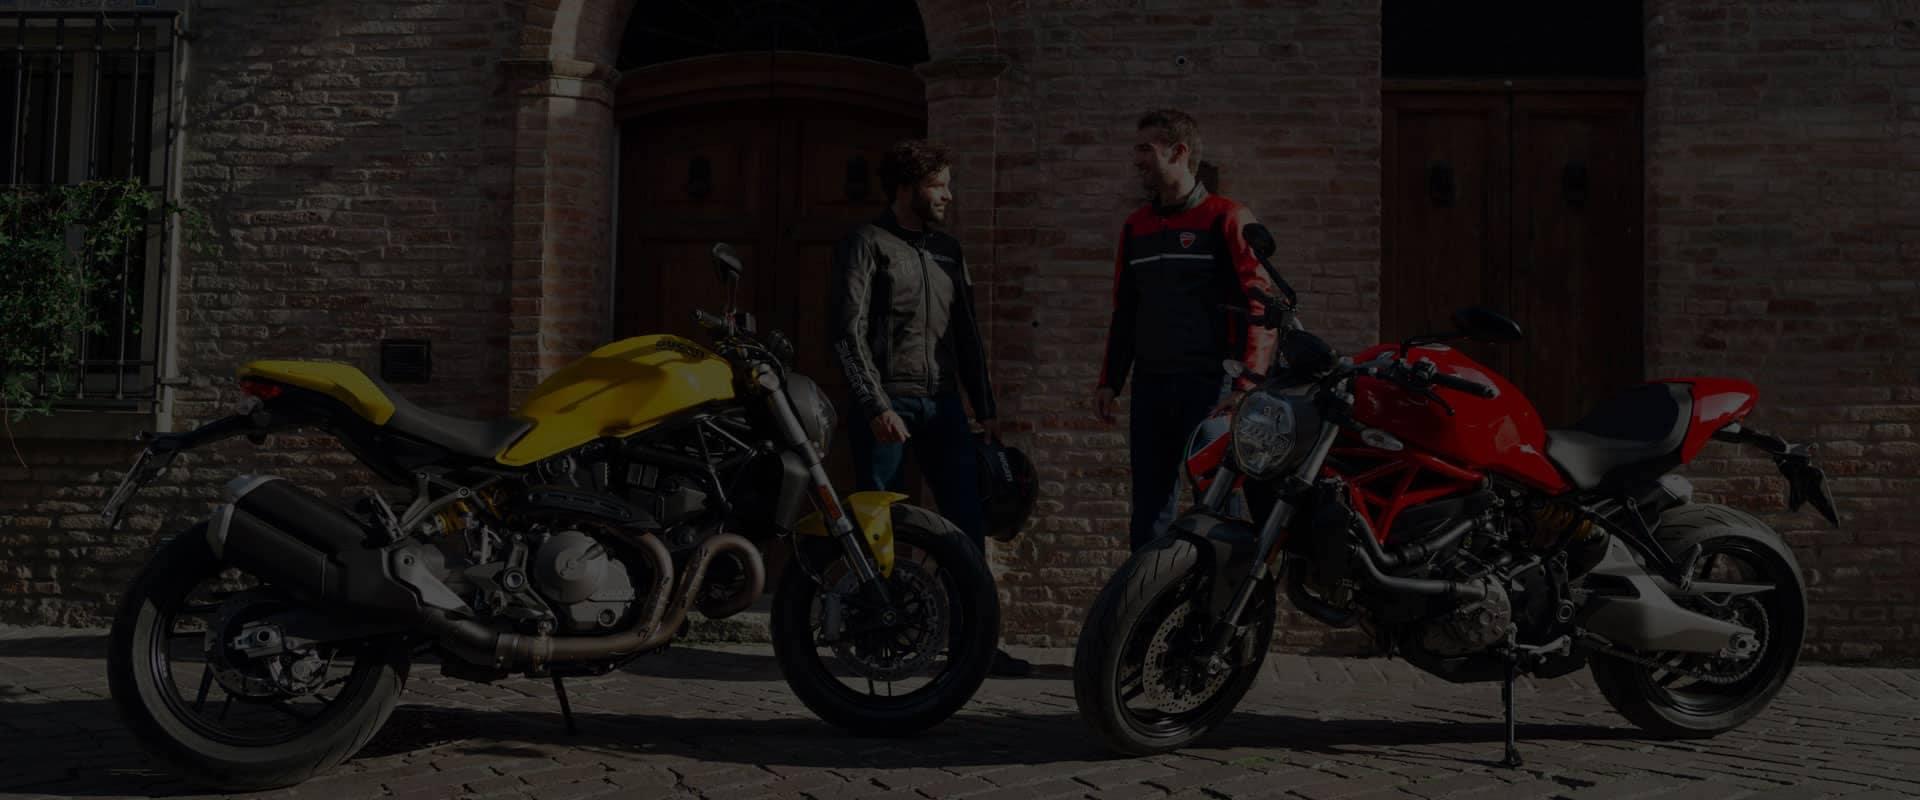 Ducati-Apparel-Banner